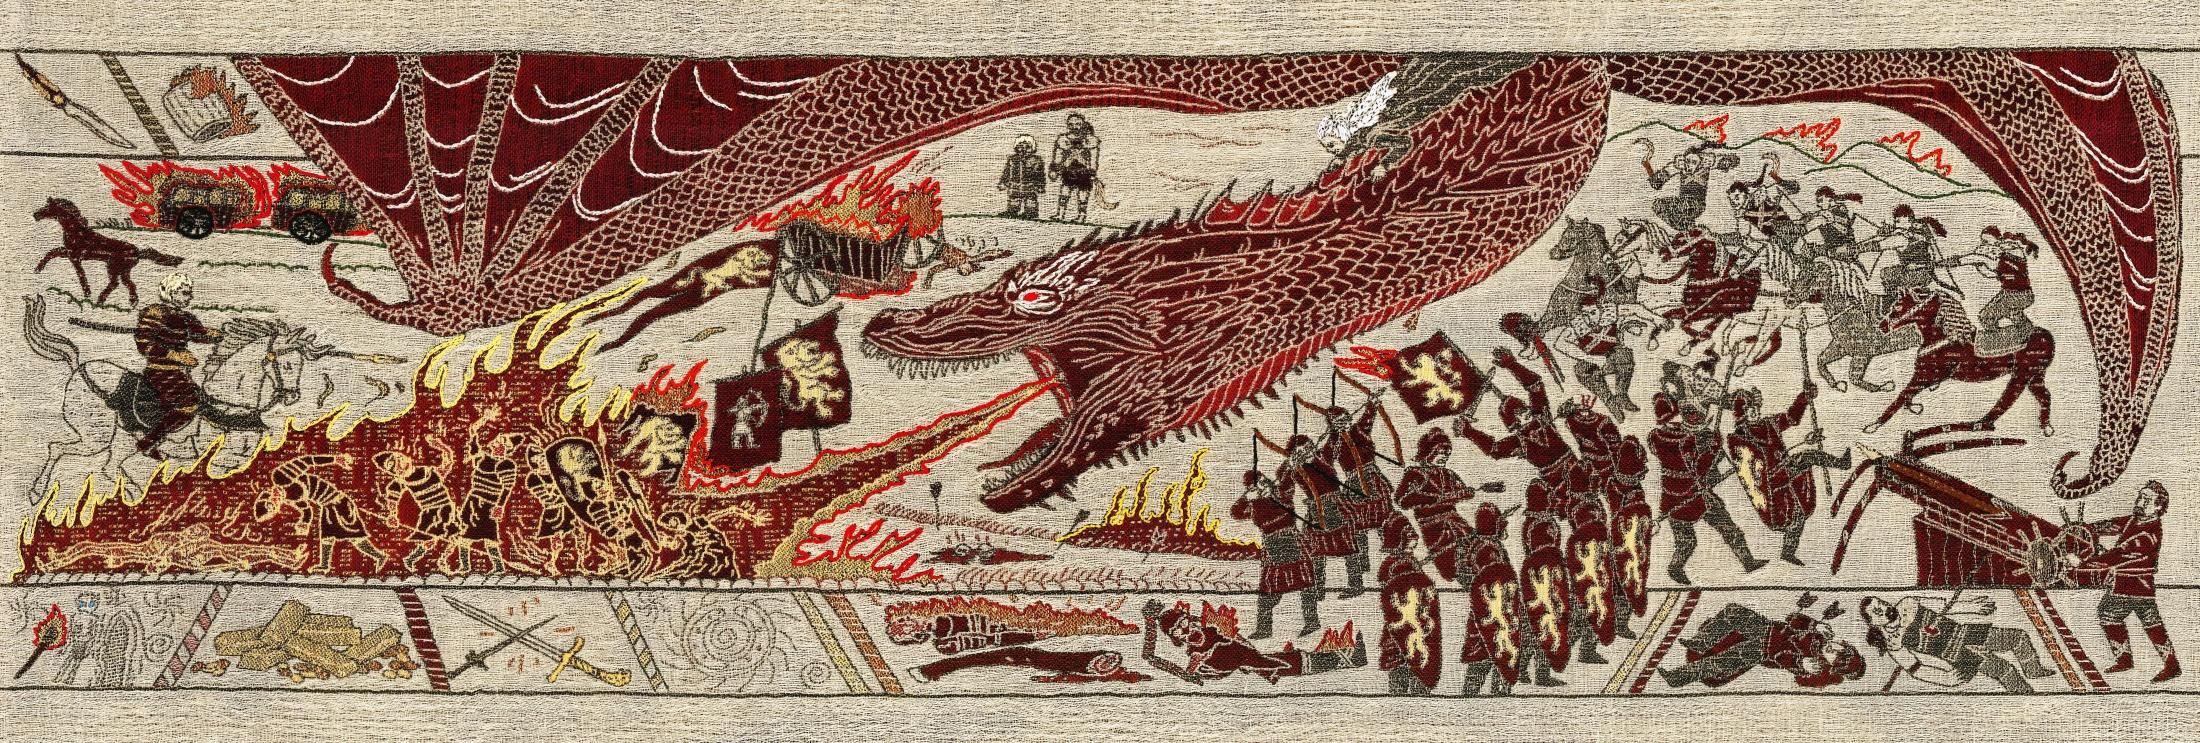 Thumbnail for GOT Tapestry